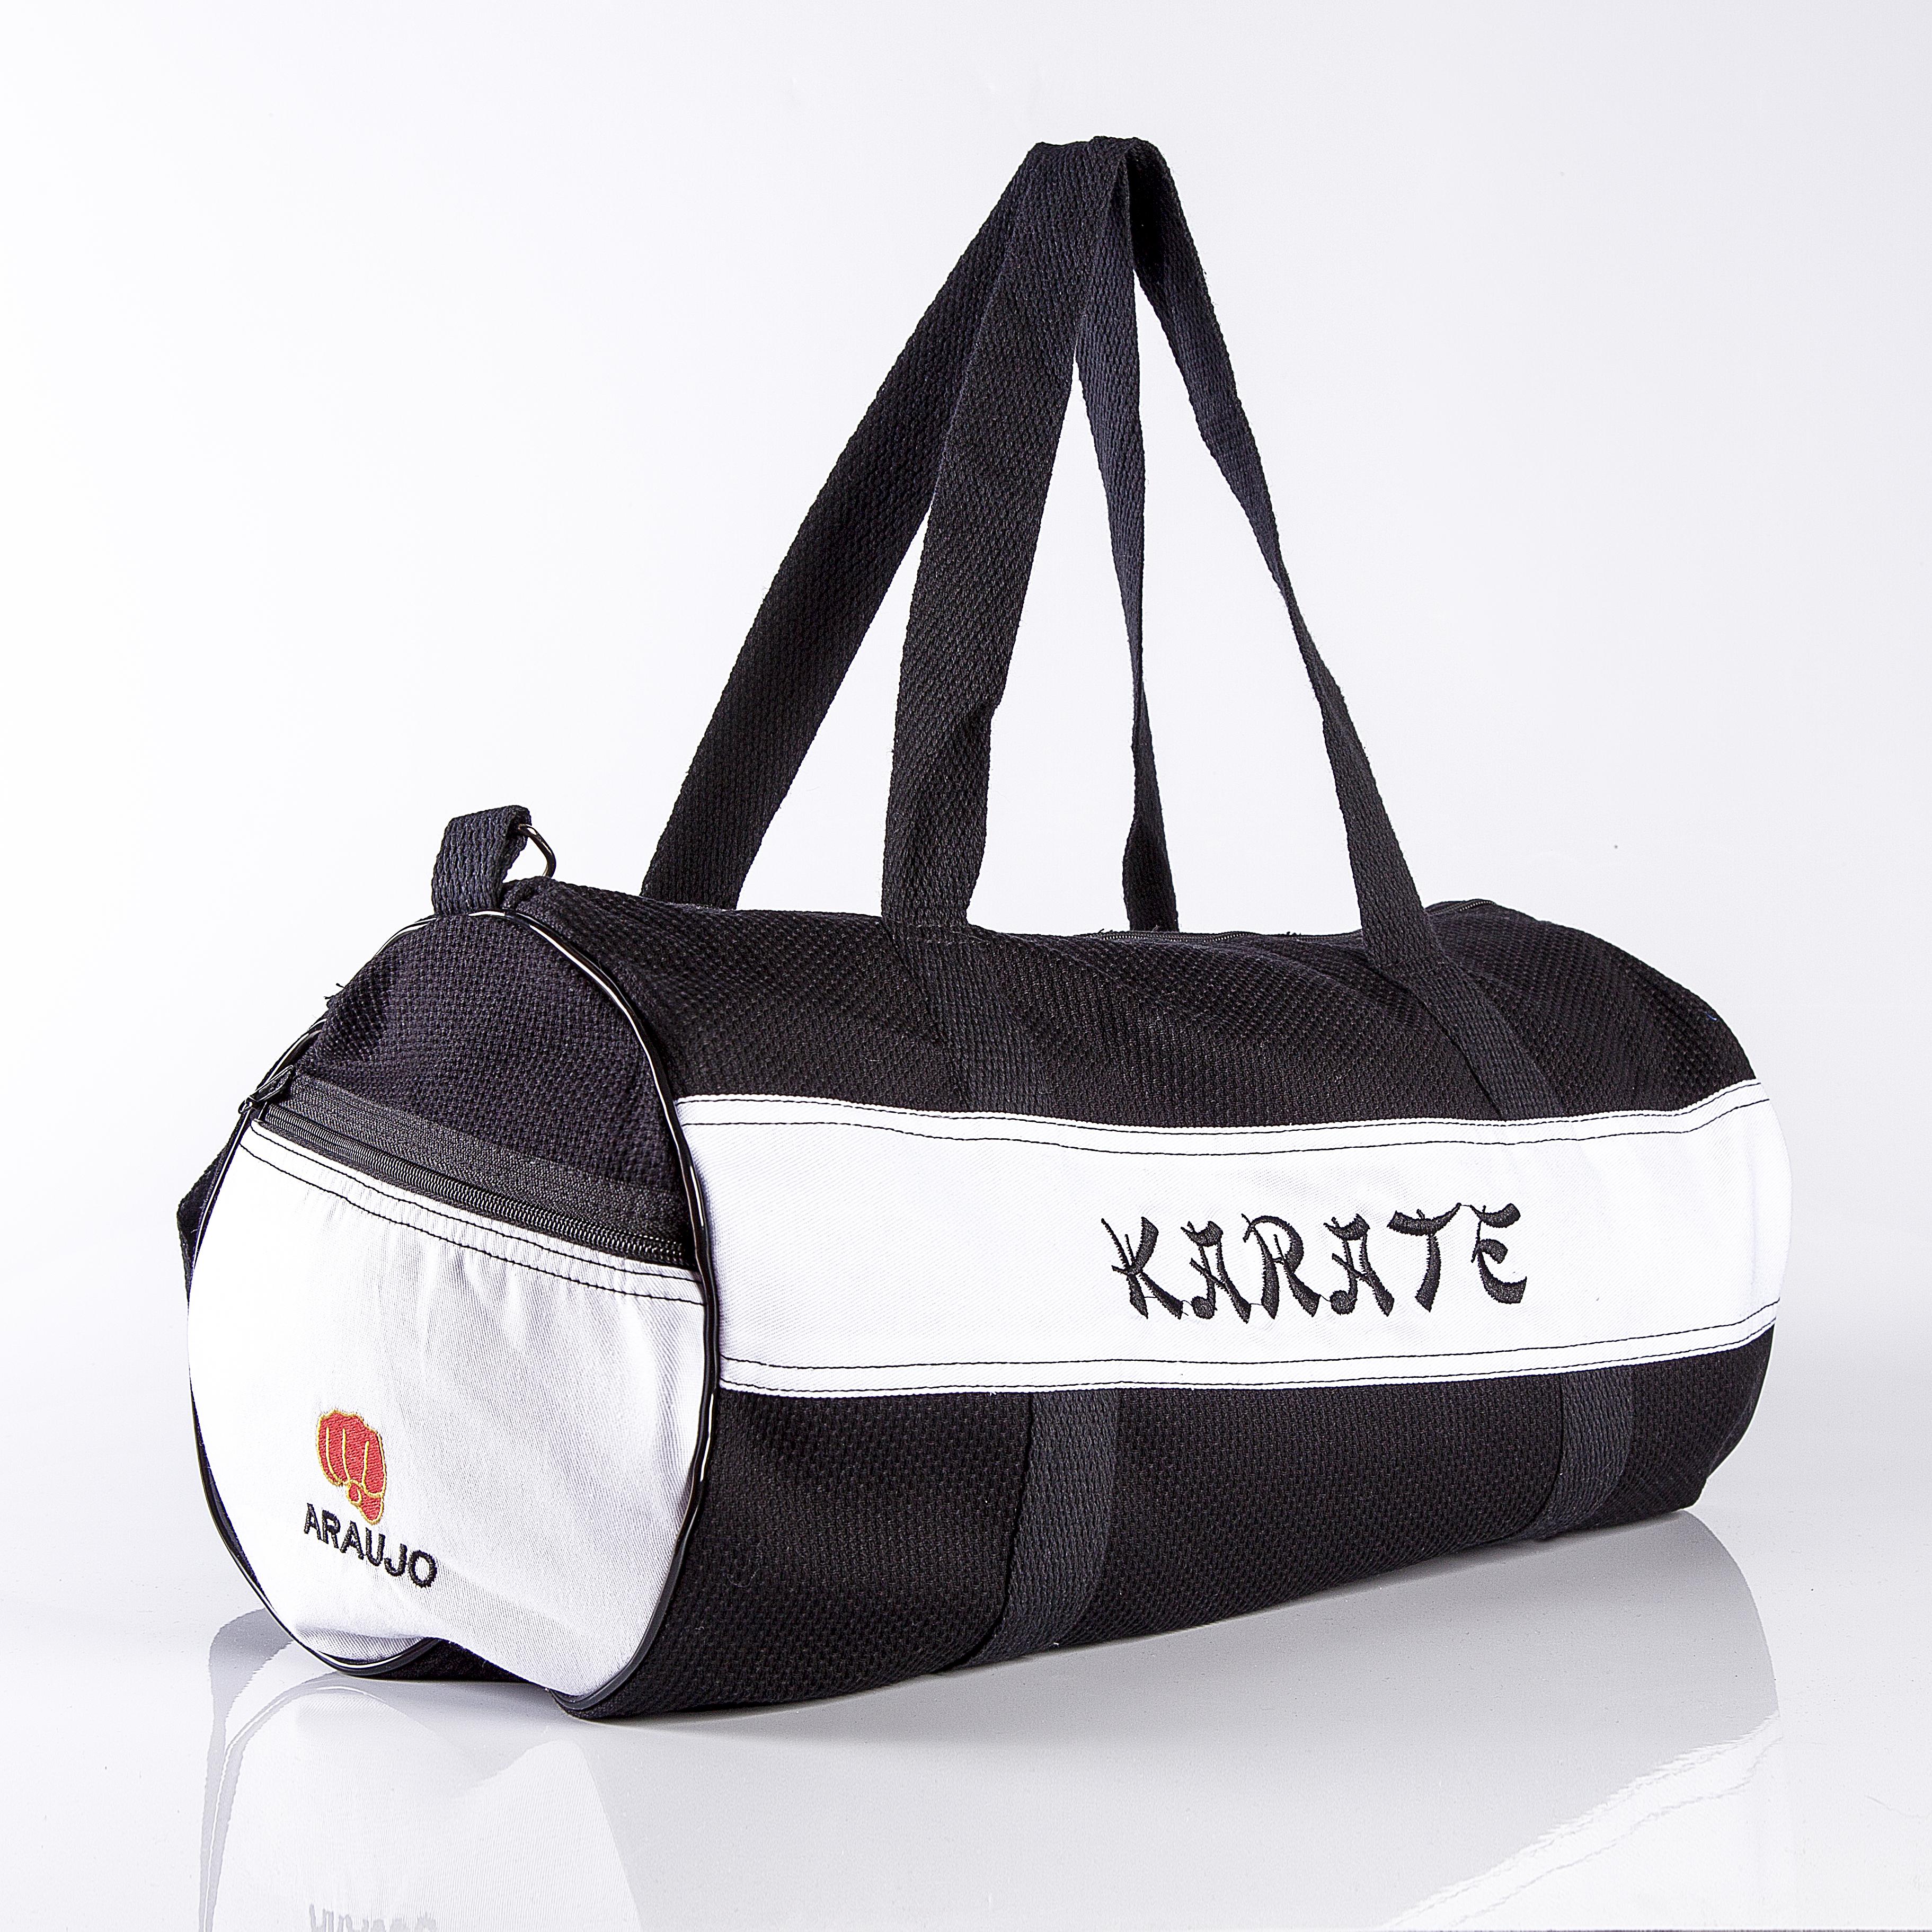 a93428f4f Produtos – Kimonos Araujo